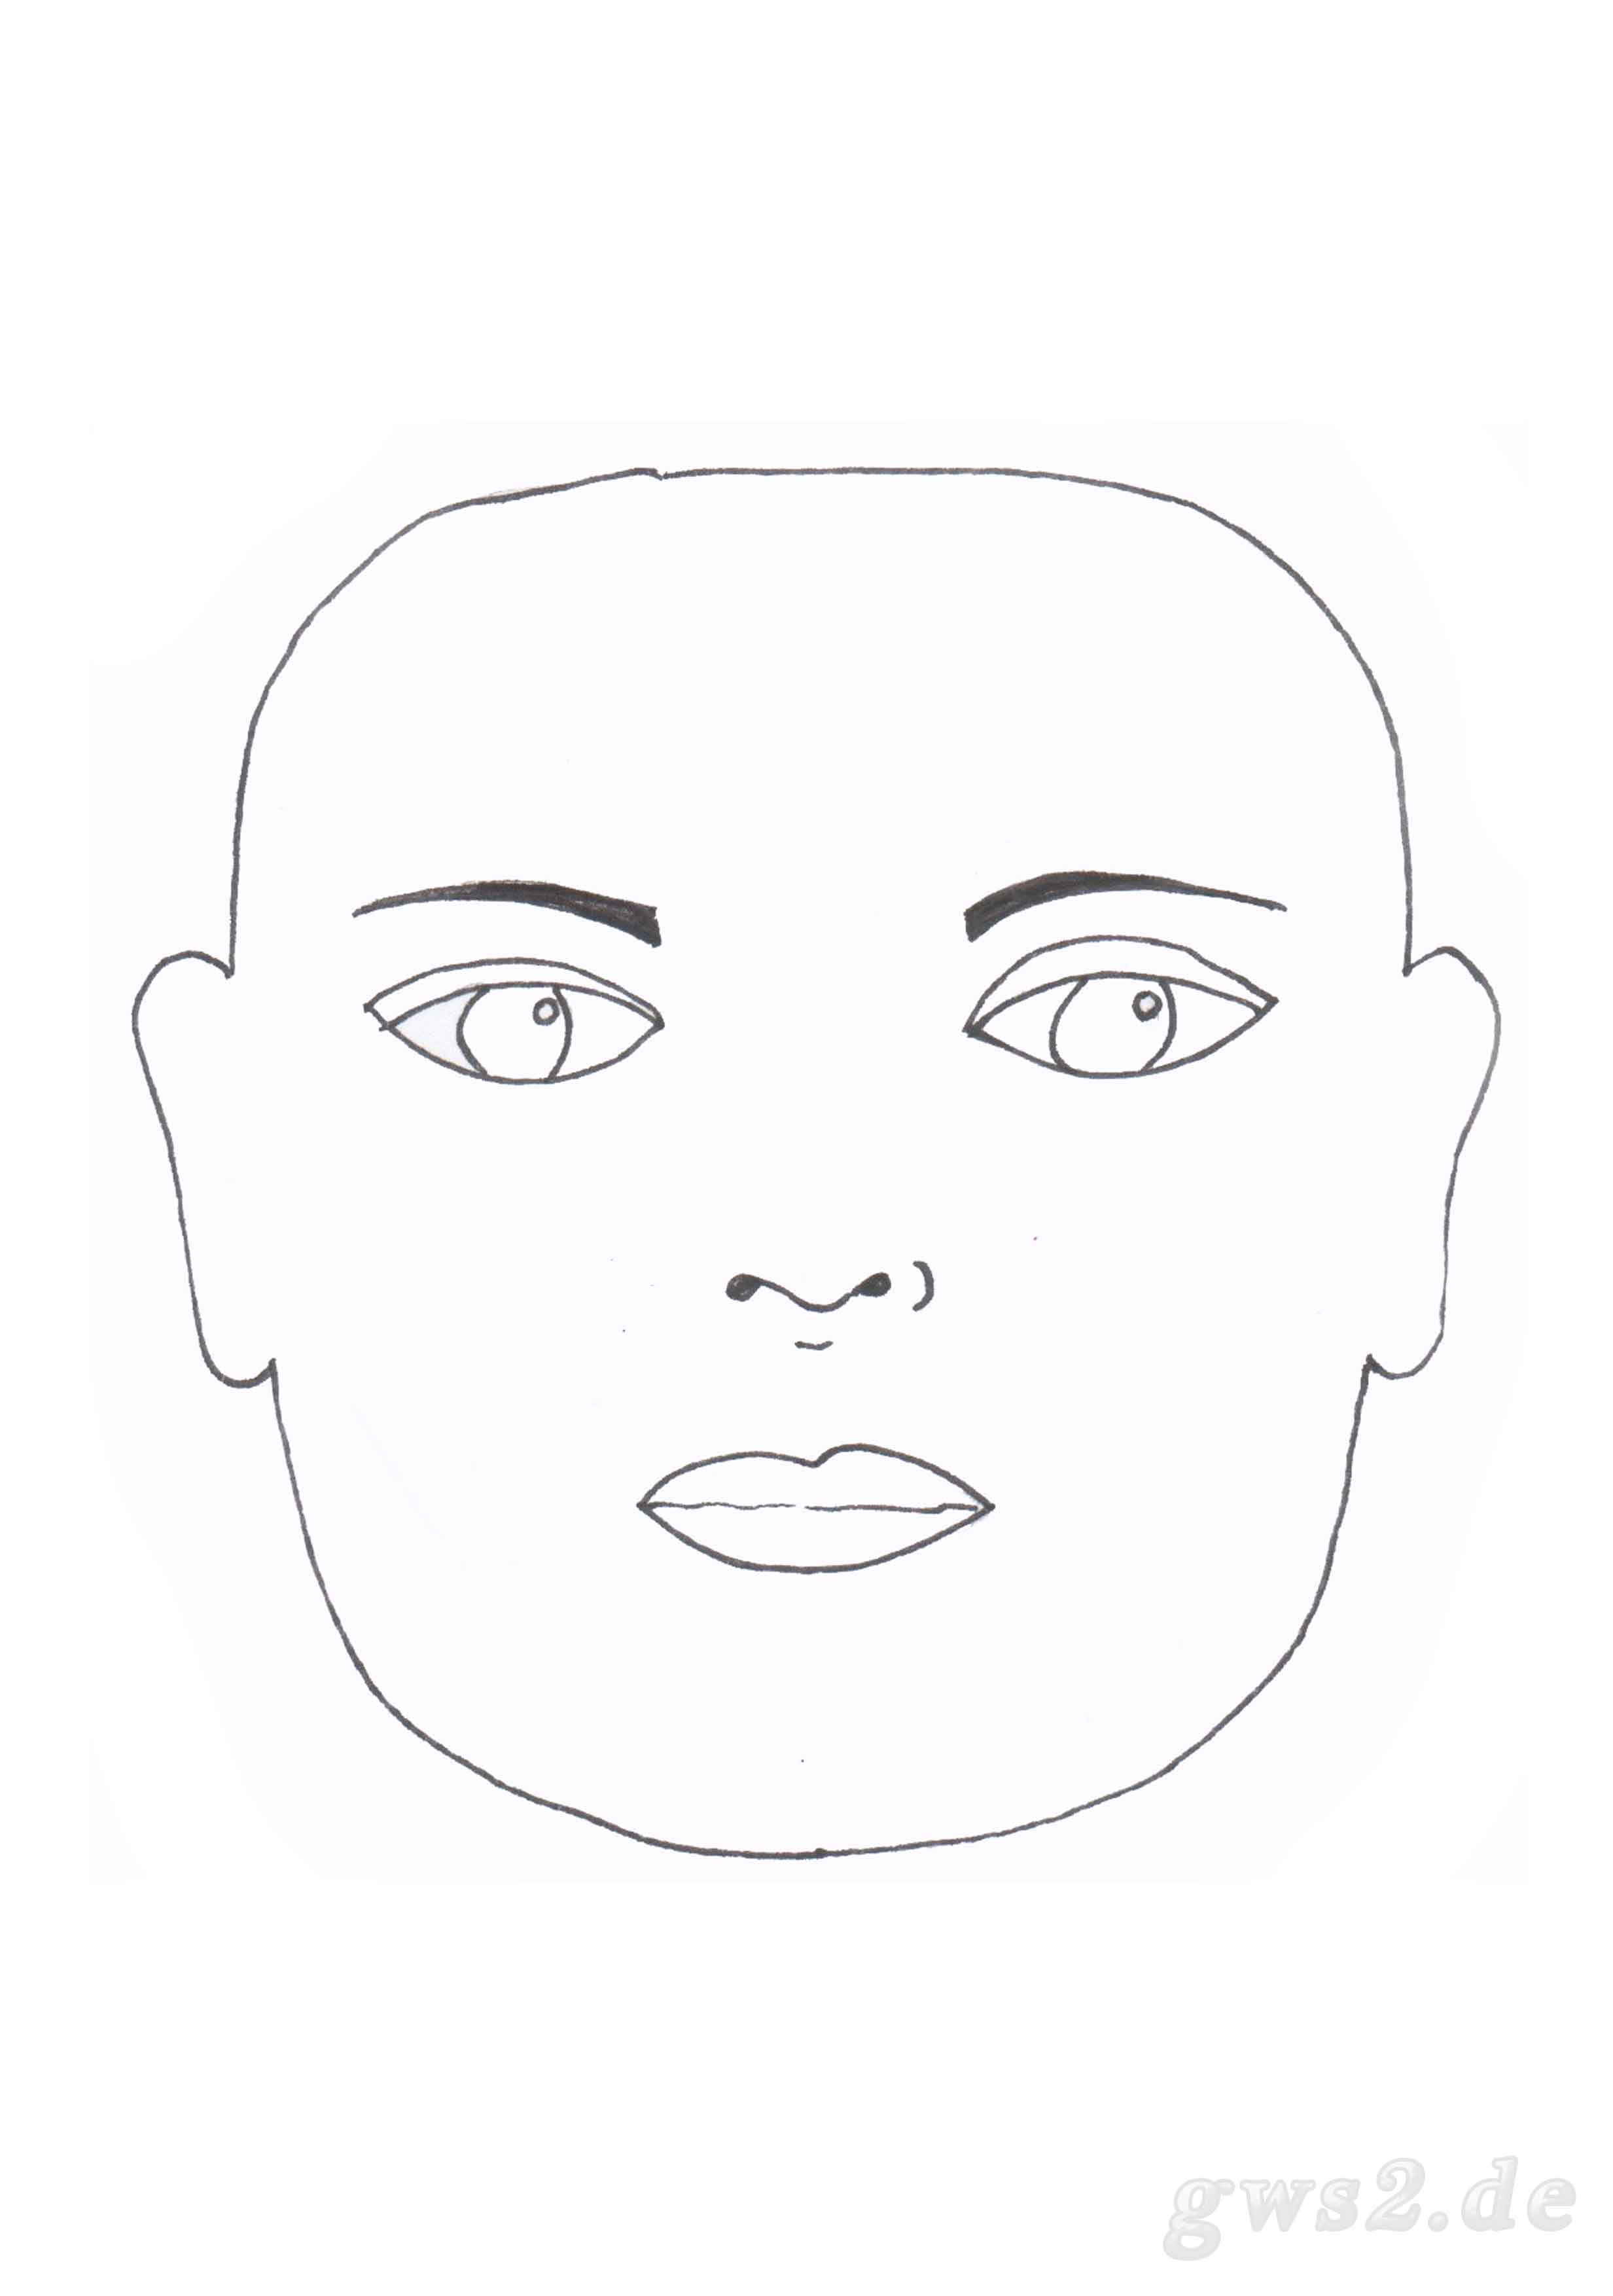 Bild von Schablone für ein rechteckiges Gesicht